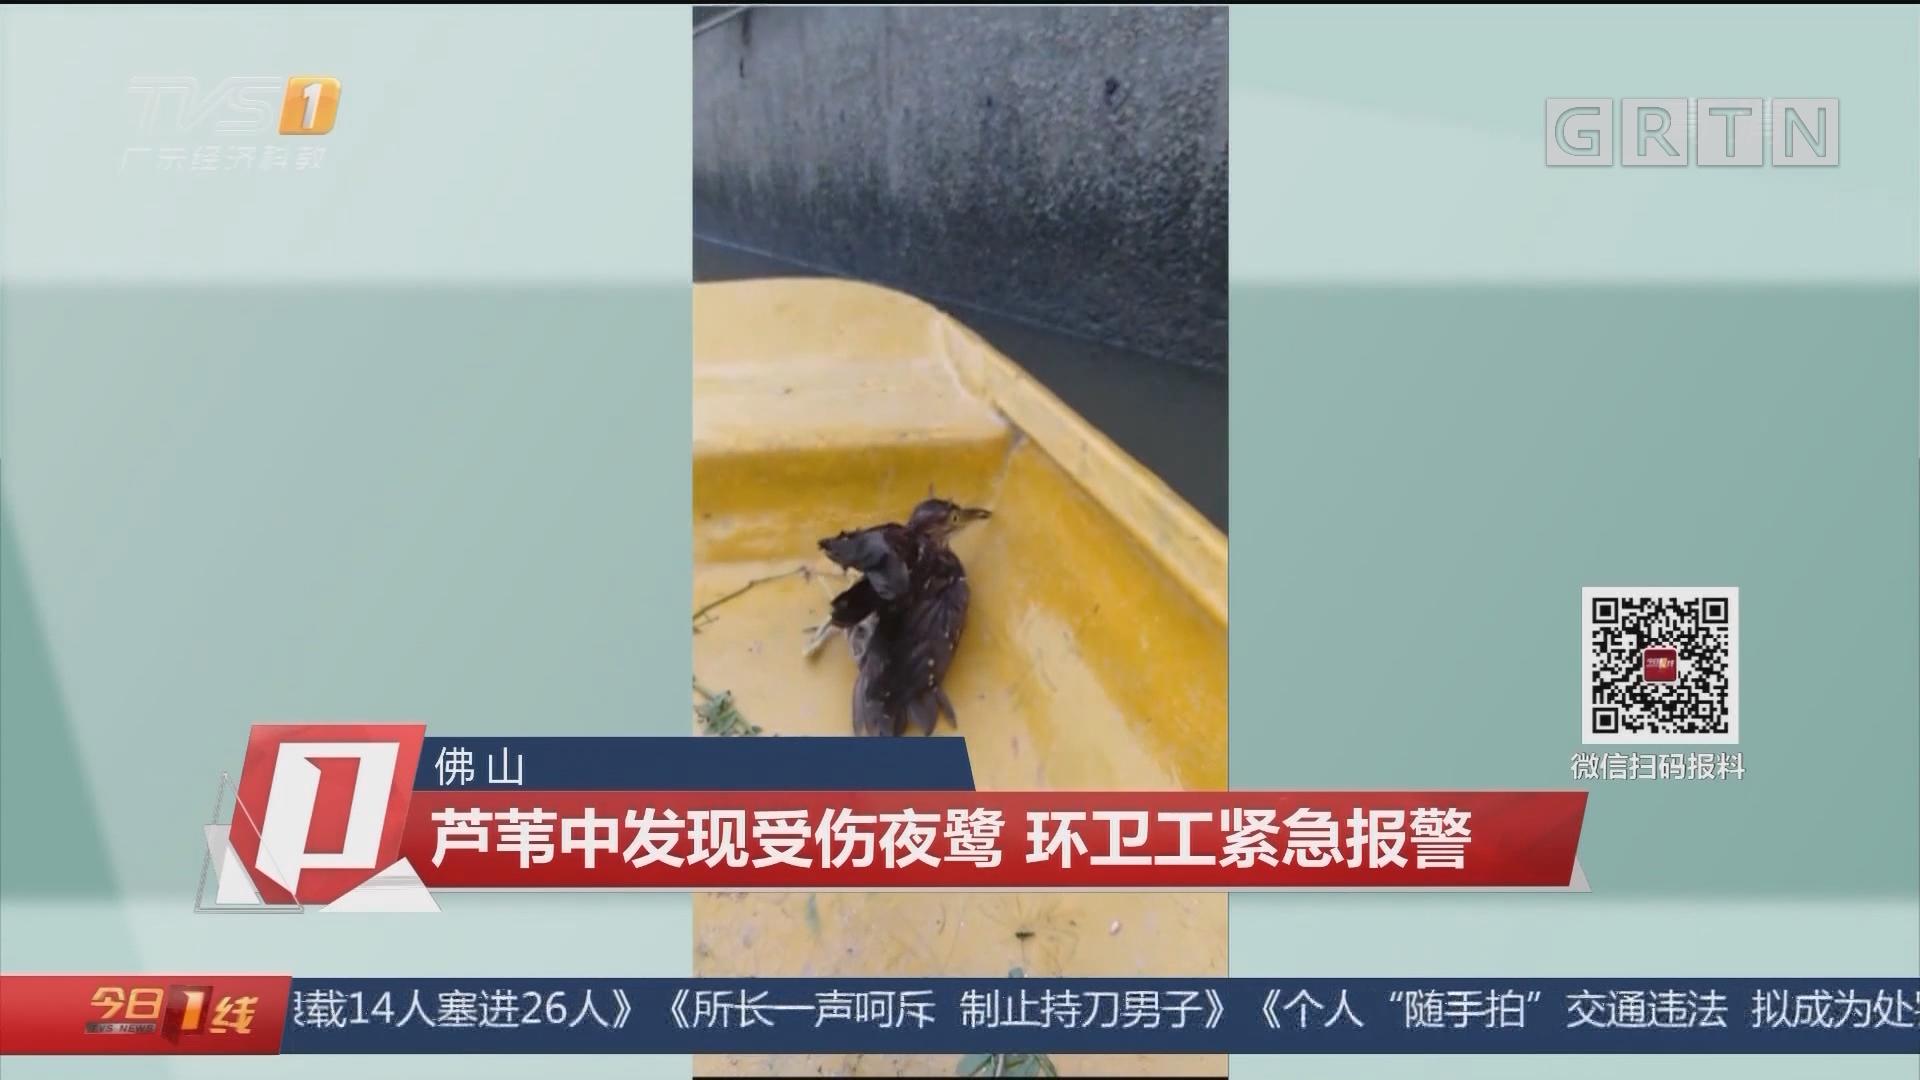 佛山:芦苇中发现受伤夜鹭 环卫工紧急报警